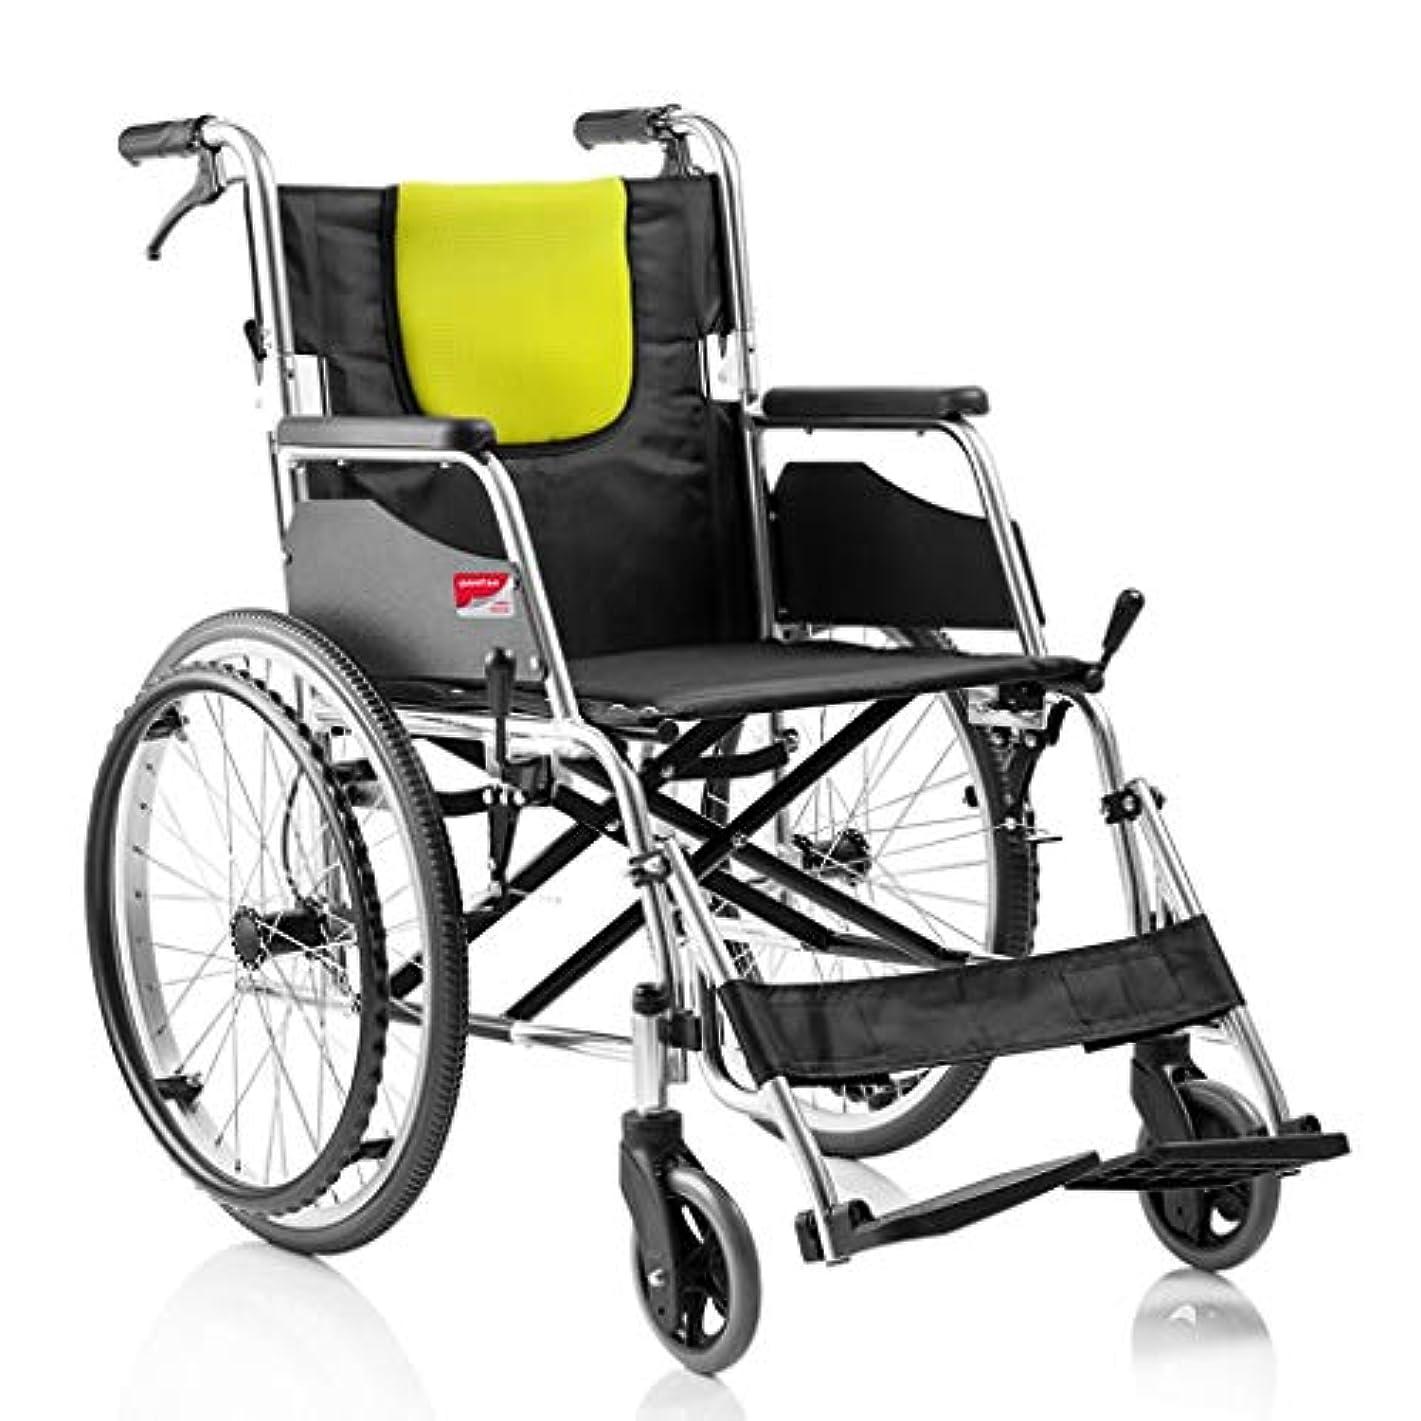 動詞必要サルベージ車椅子折りたたみ式、手動車椅子無料インフレータブルダブルブレーキデザイン、老人の手押し車椅子